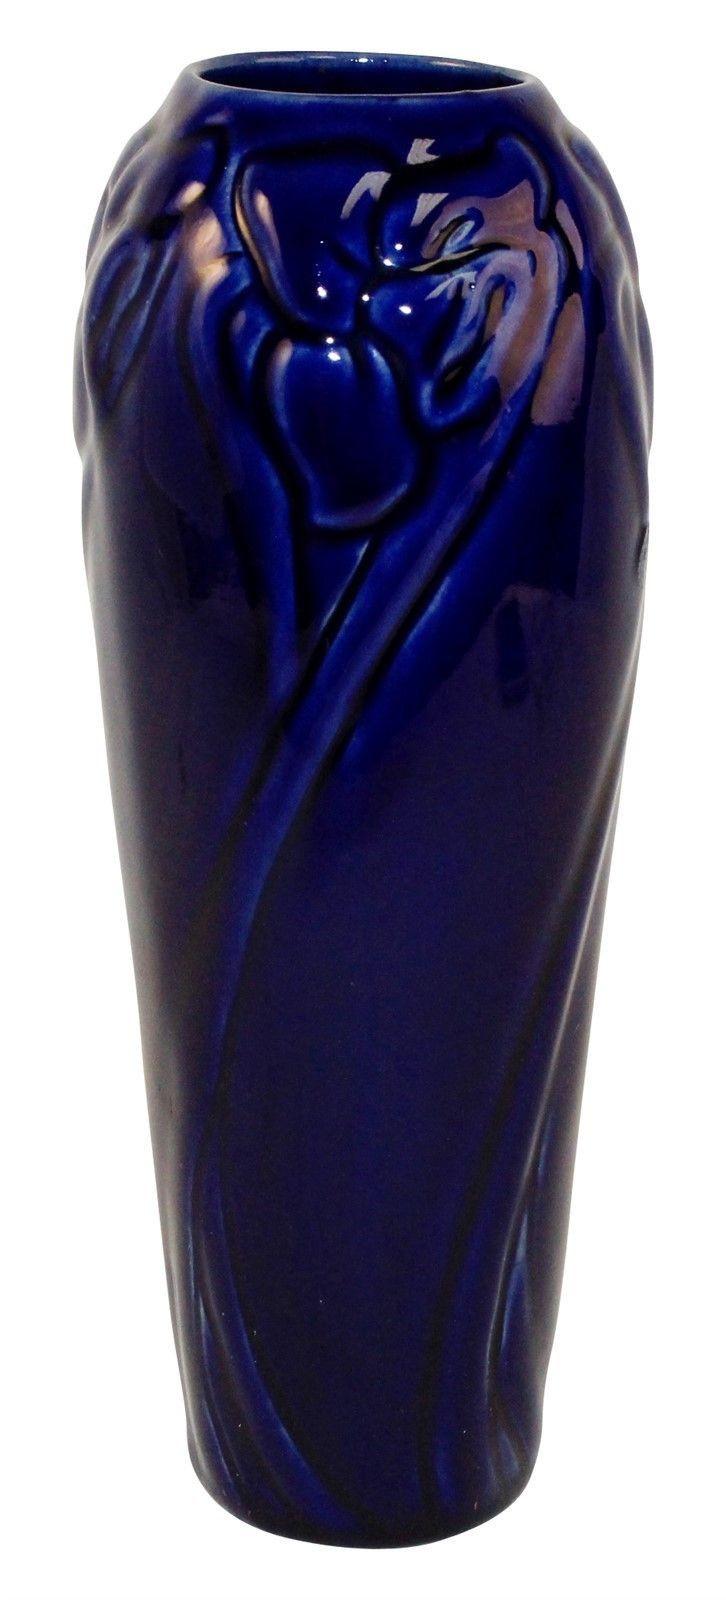 27 Lovely Van Briggle Vase Shapes 2021 free download van briggle vase shapes of van briggle pottery 2001 cobalt blue daffodil vase van briggle inside van briggle pottery 2001 cobalt blue daffodil vase